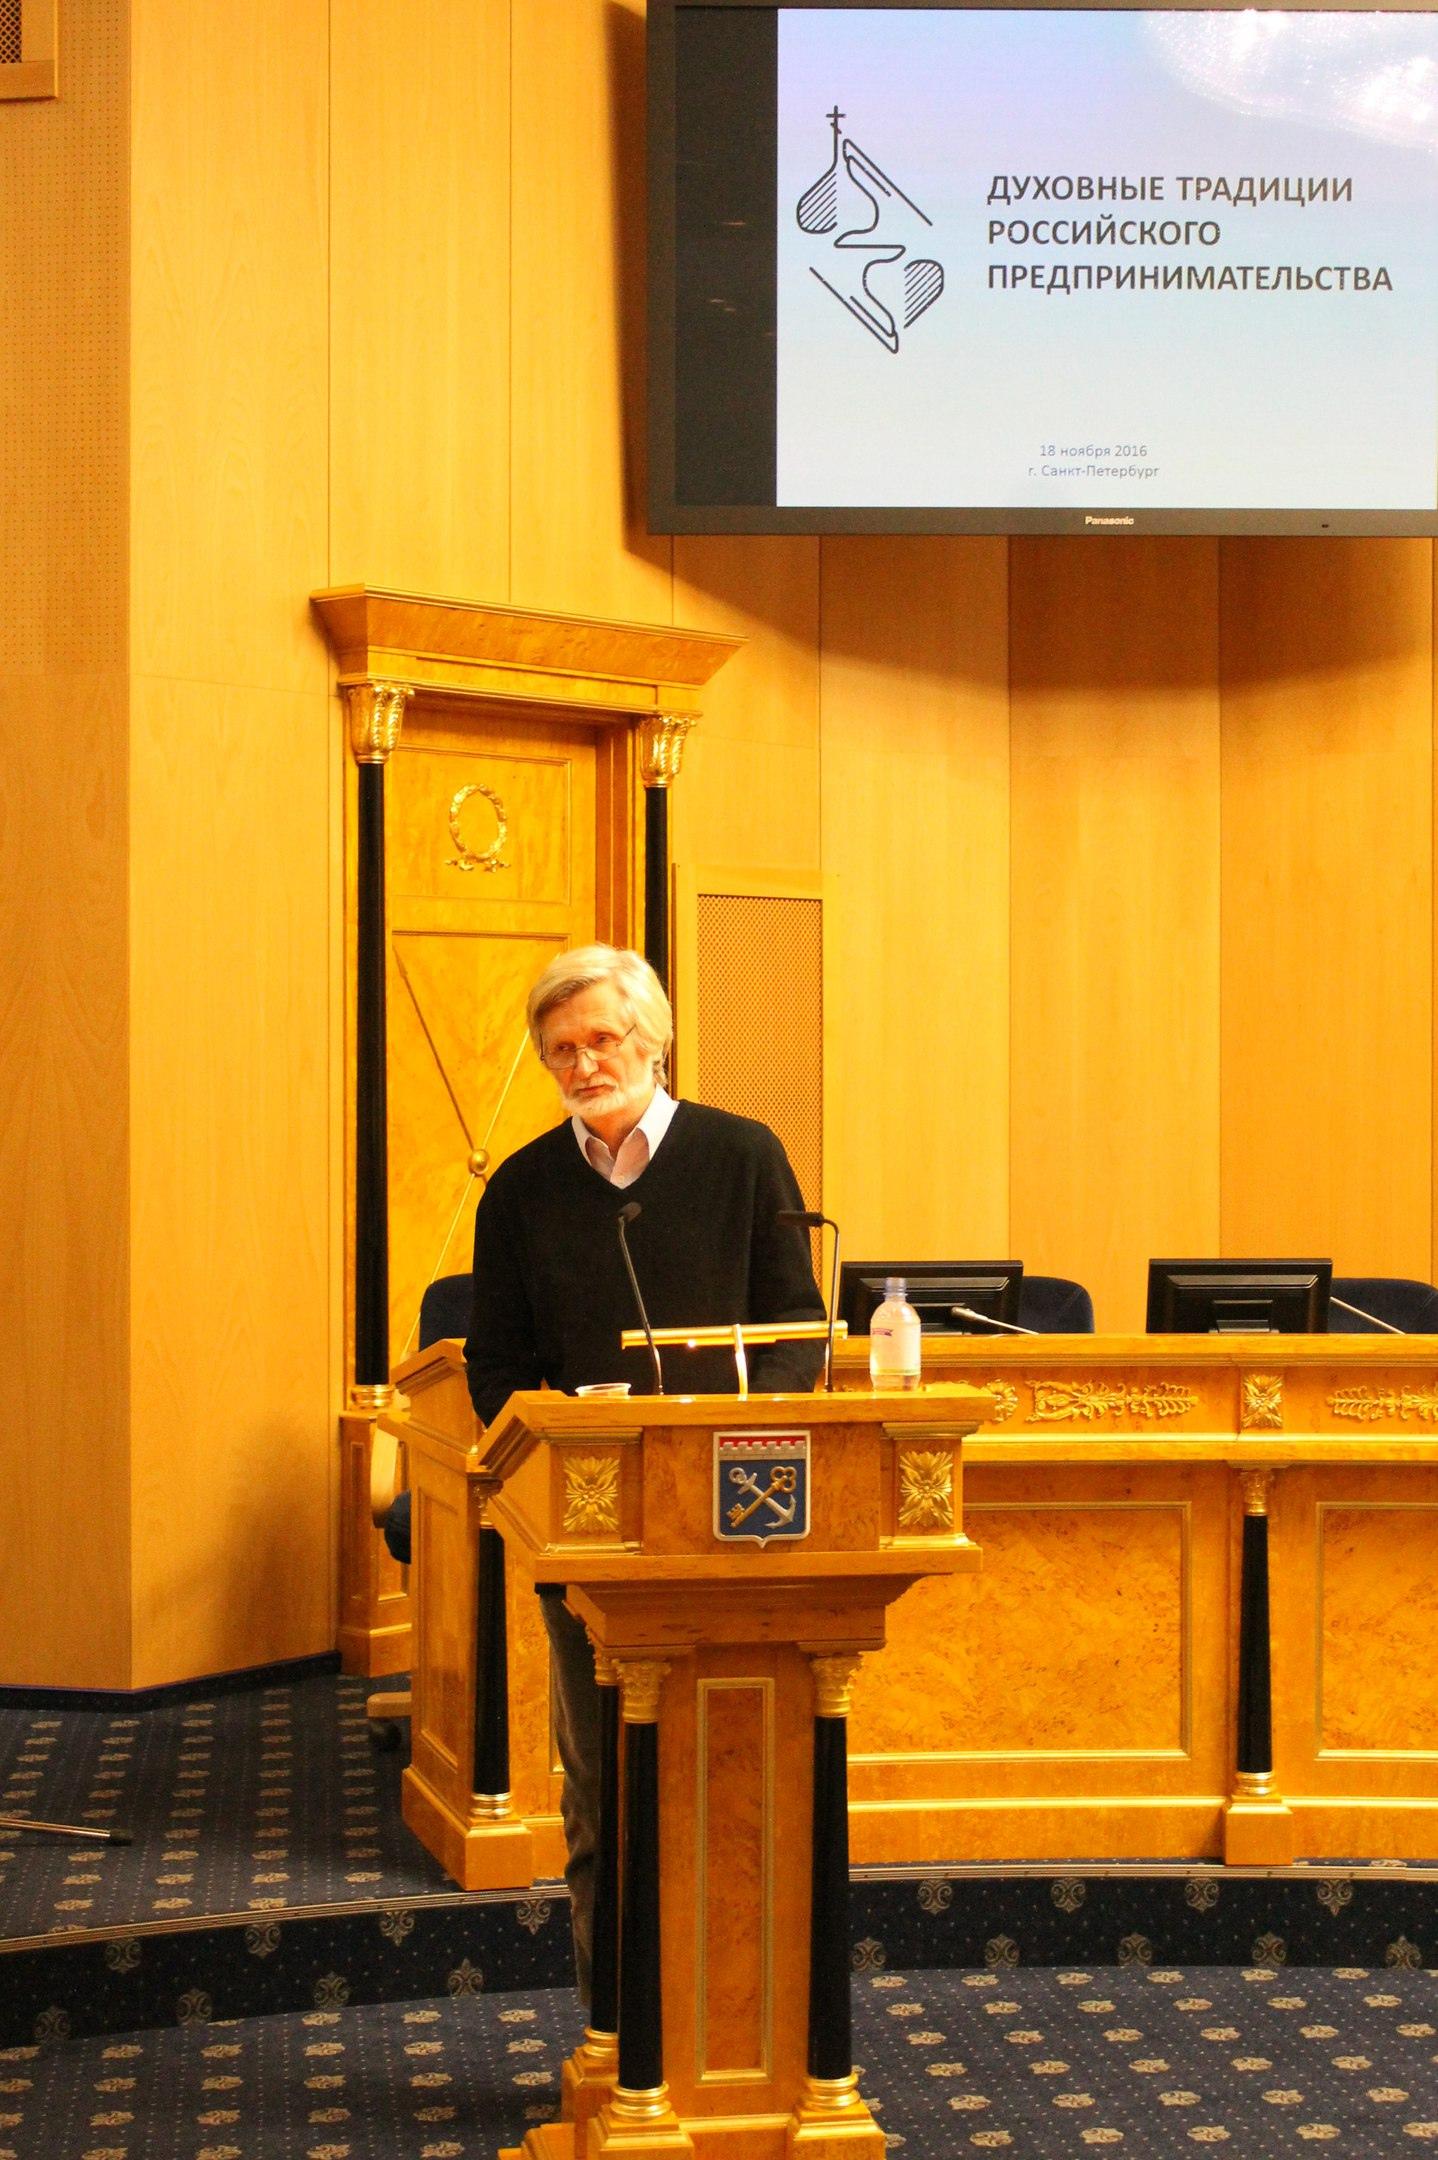 Конференция «Духовные традиции российского предпринимательства», Правительство Ленинградской области, 18.11.2016.